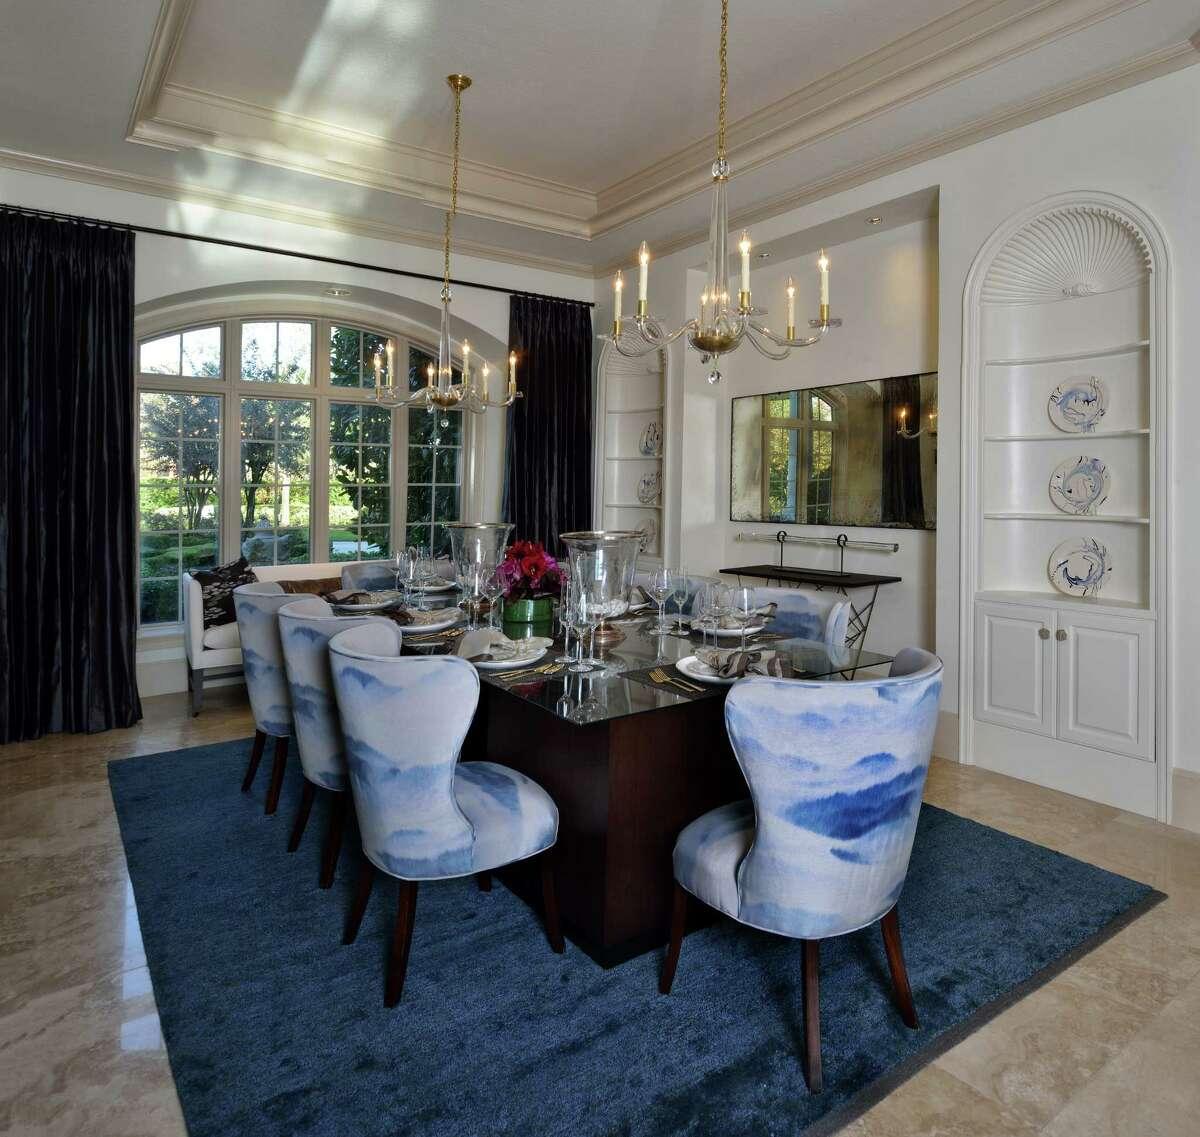 Dining room designed by Jillian O'Neill